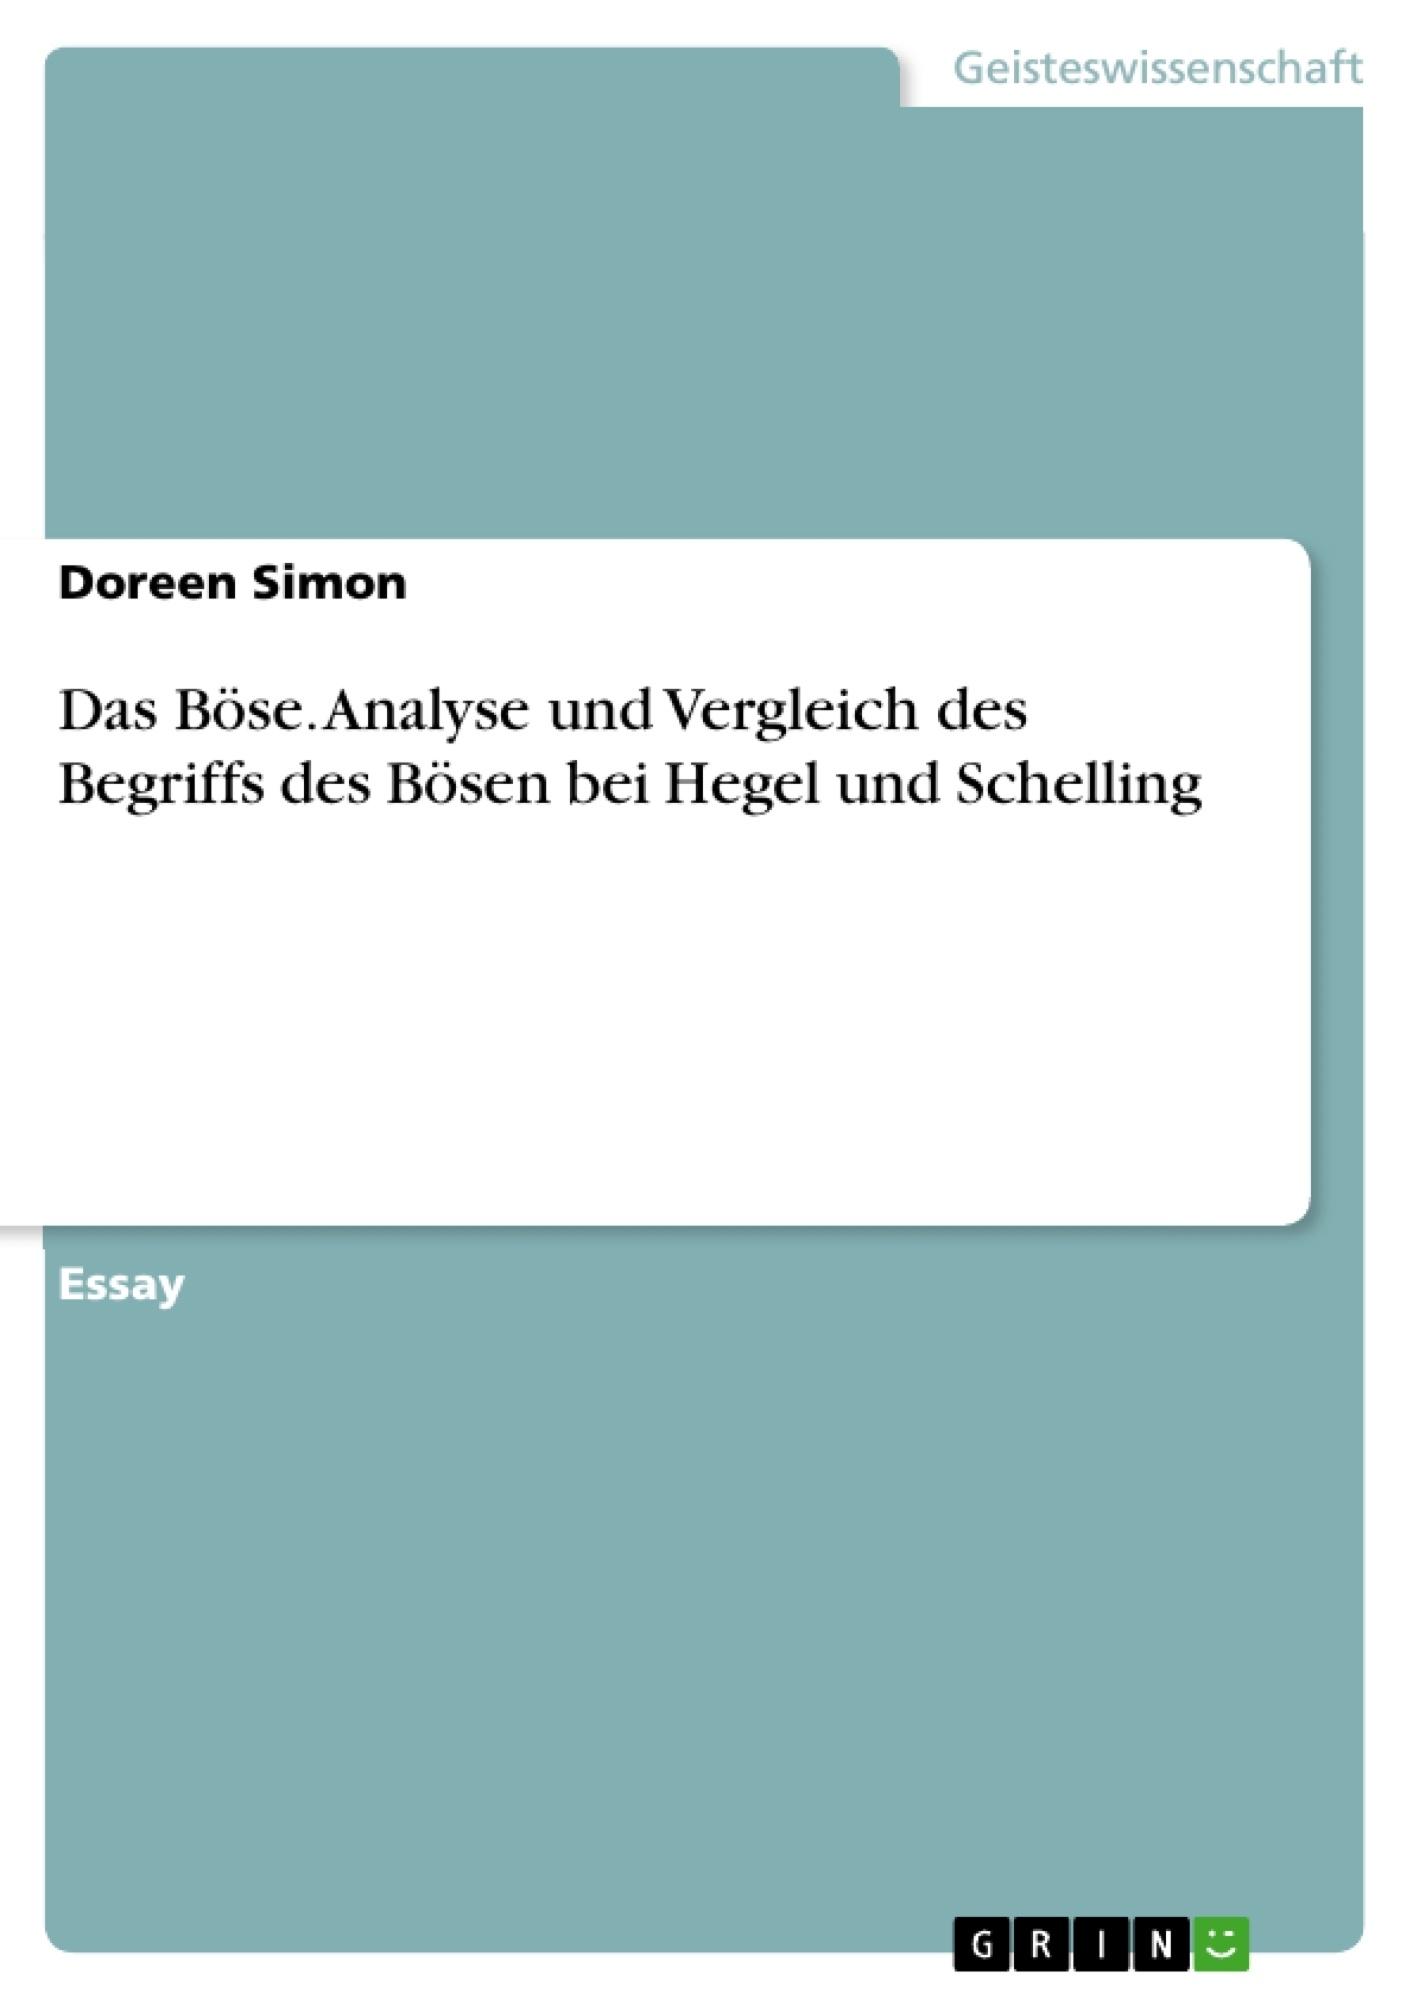 Titel: Das Böse. Analyse und Vergleich des Begriffs des Bösen bei Hegel und Schelling